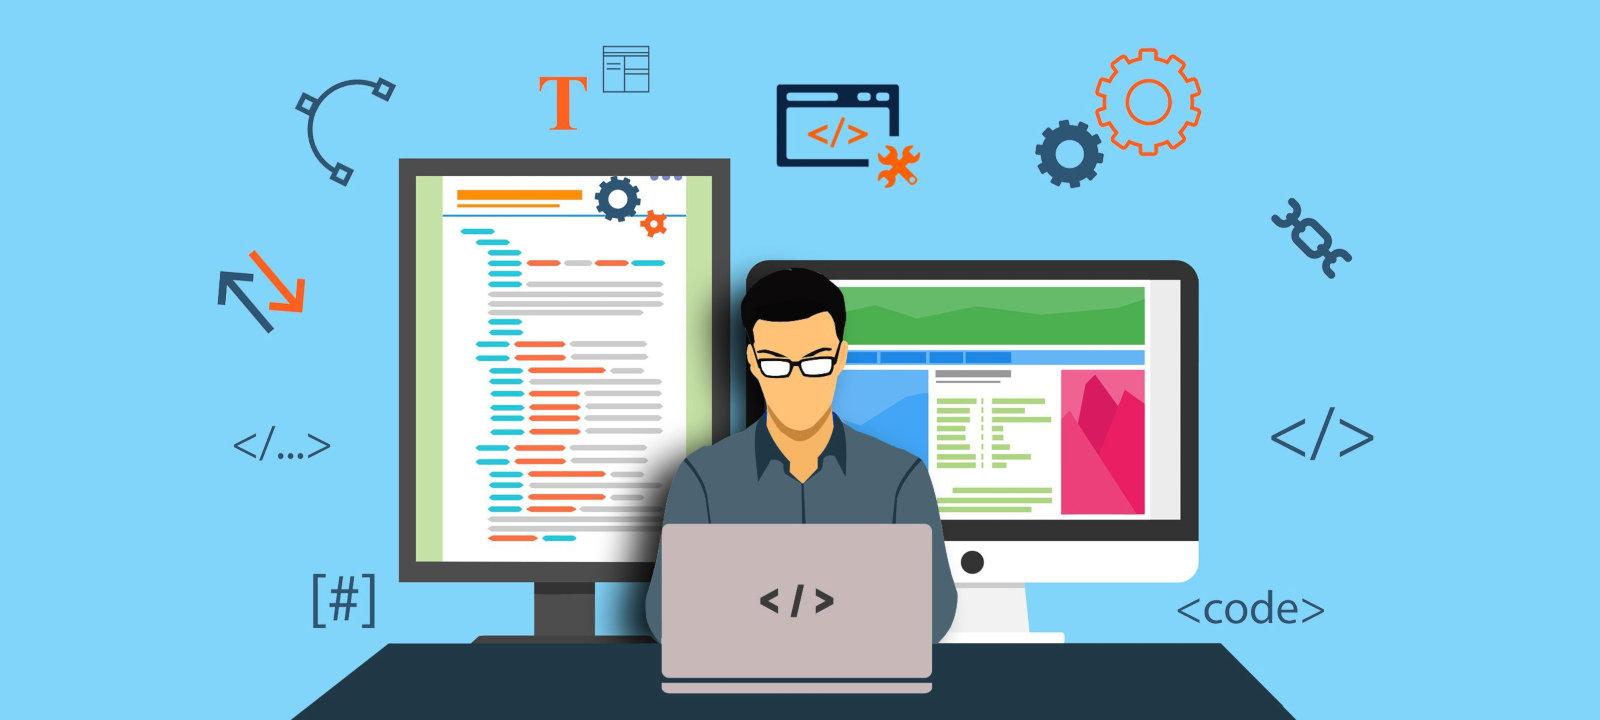 Вакансии: «ПИК-Брокер» приглашает разработчиков на Python и PHP, DevOps-инженеров